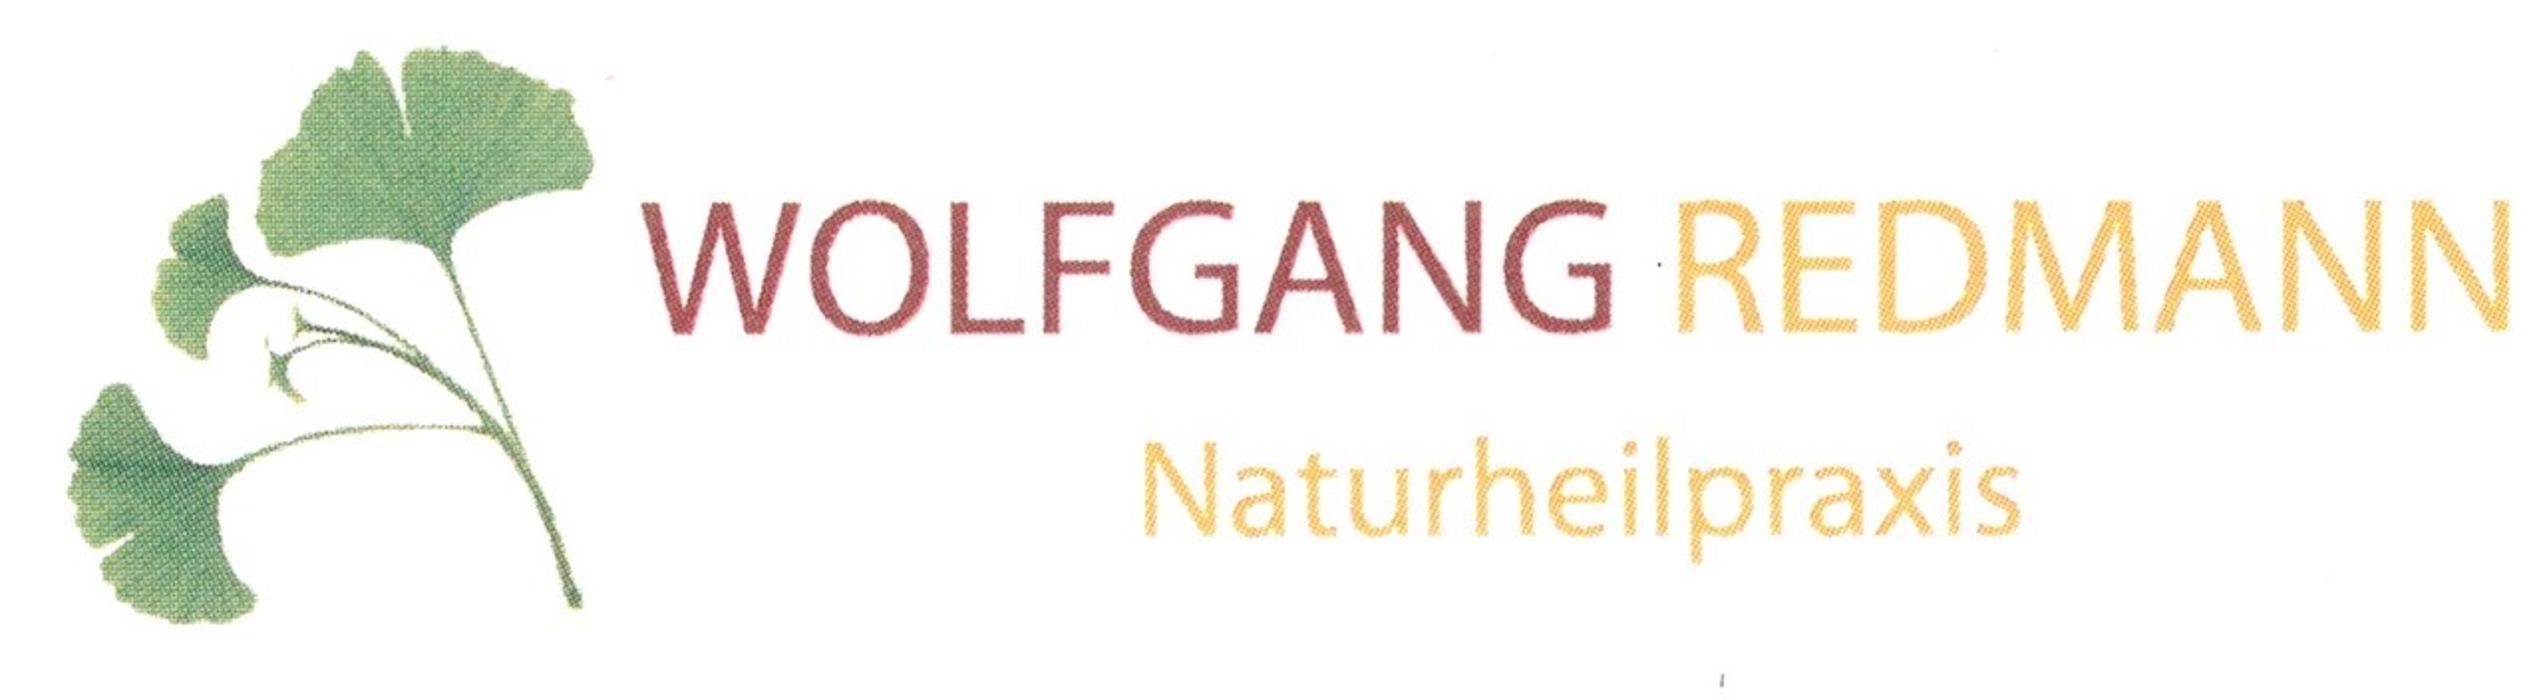 Bild zu Naturheilpraxis Wolfgang Redmann in Waiblingen